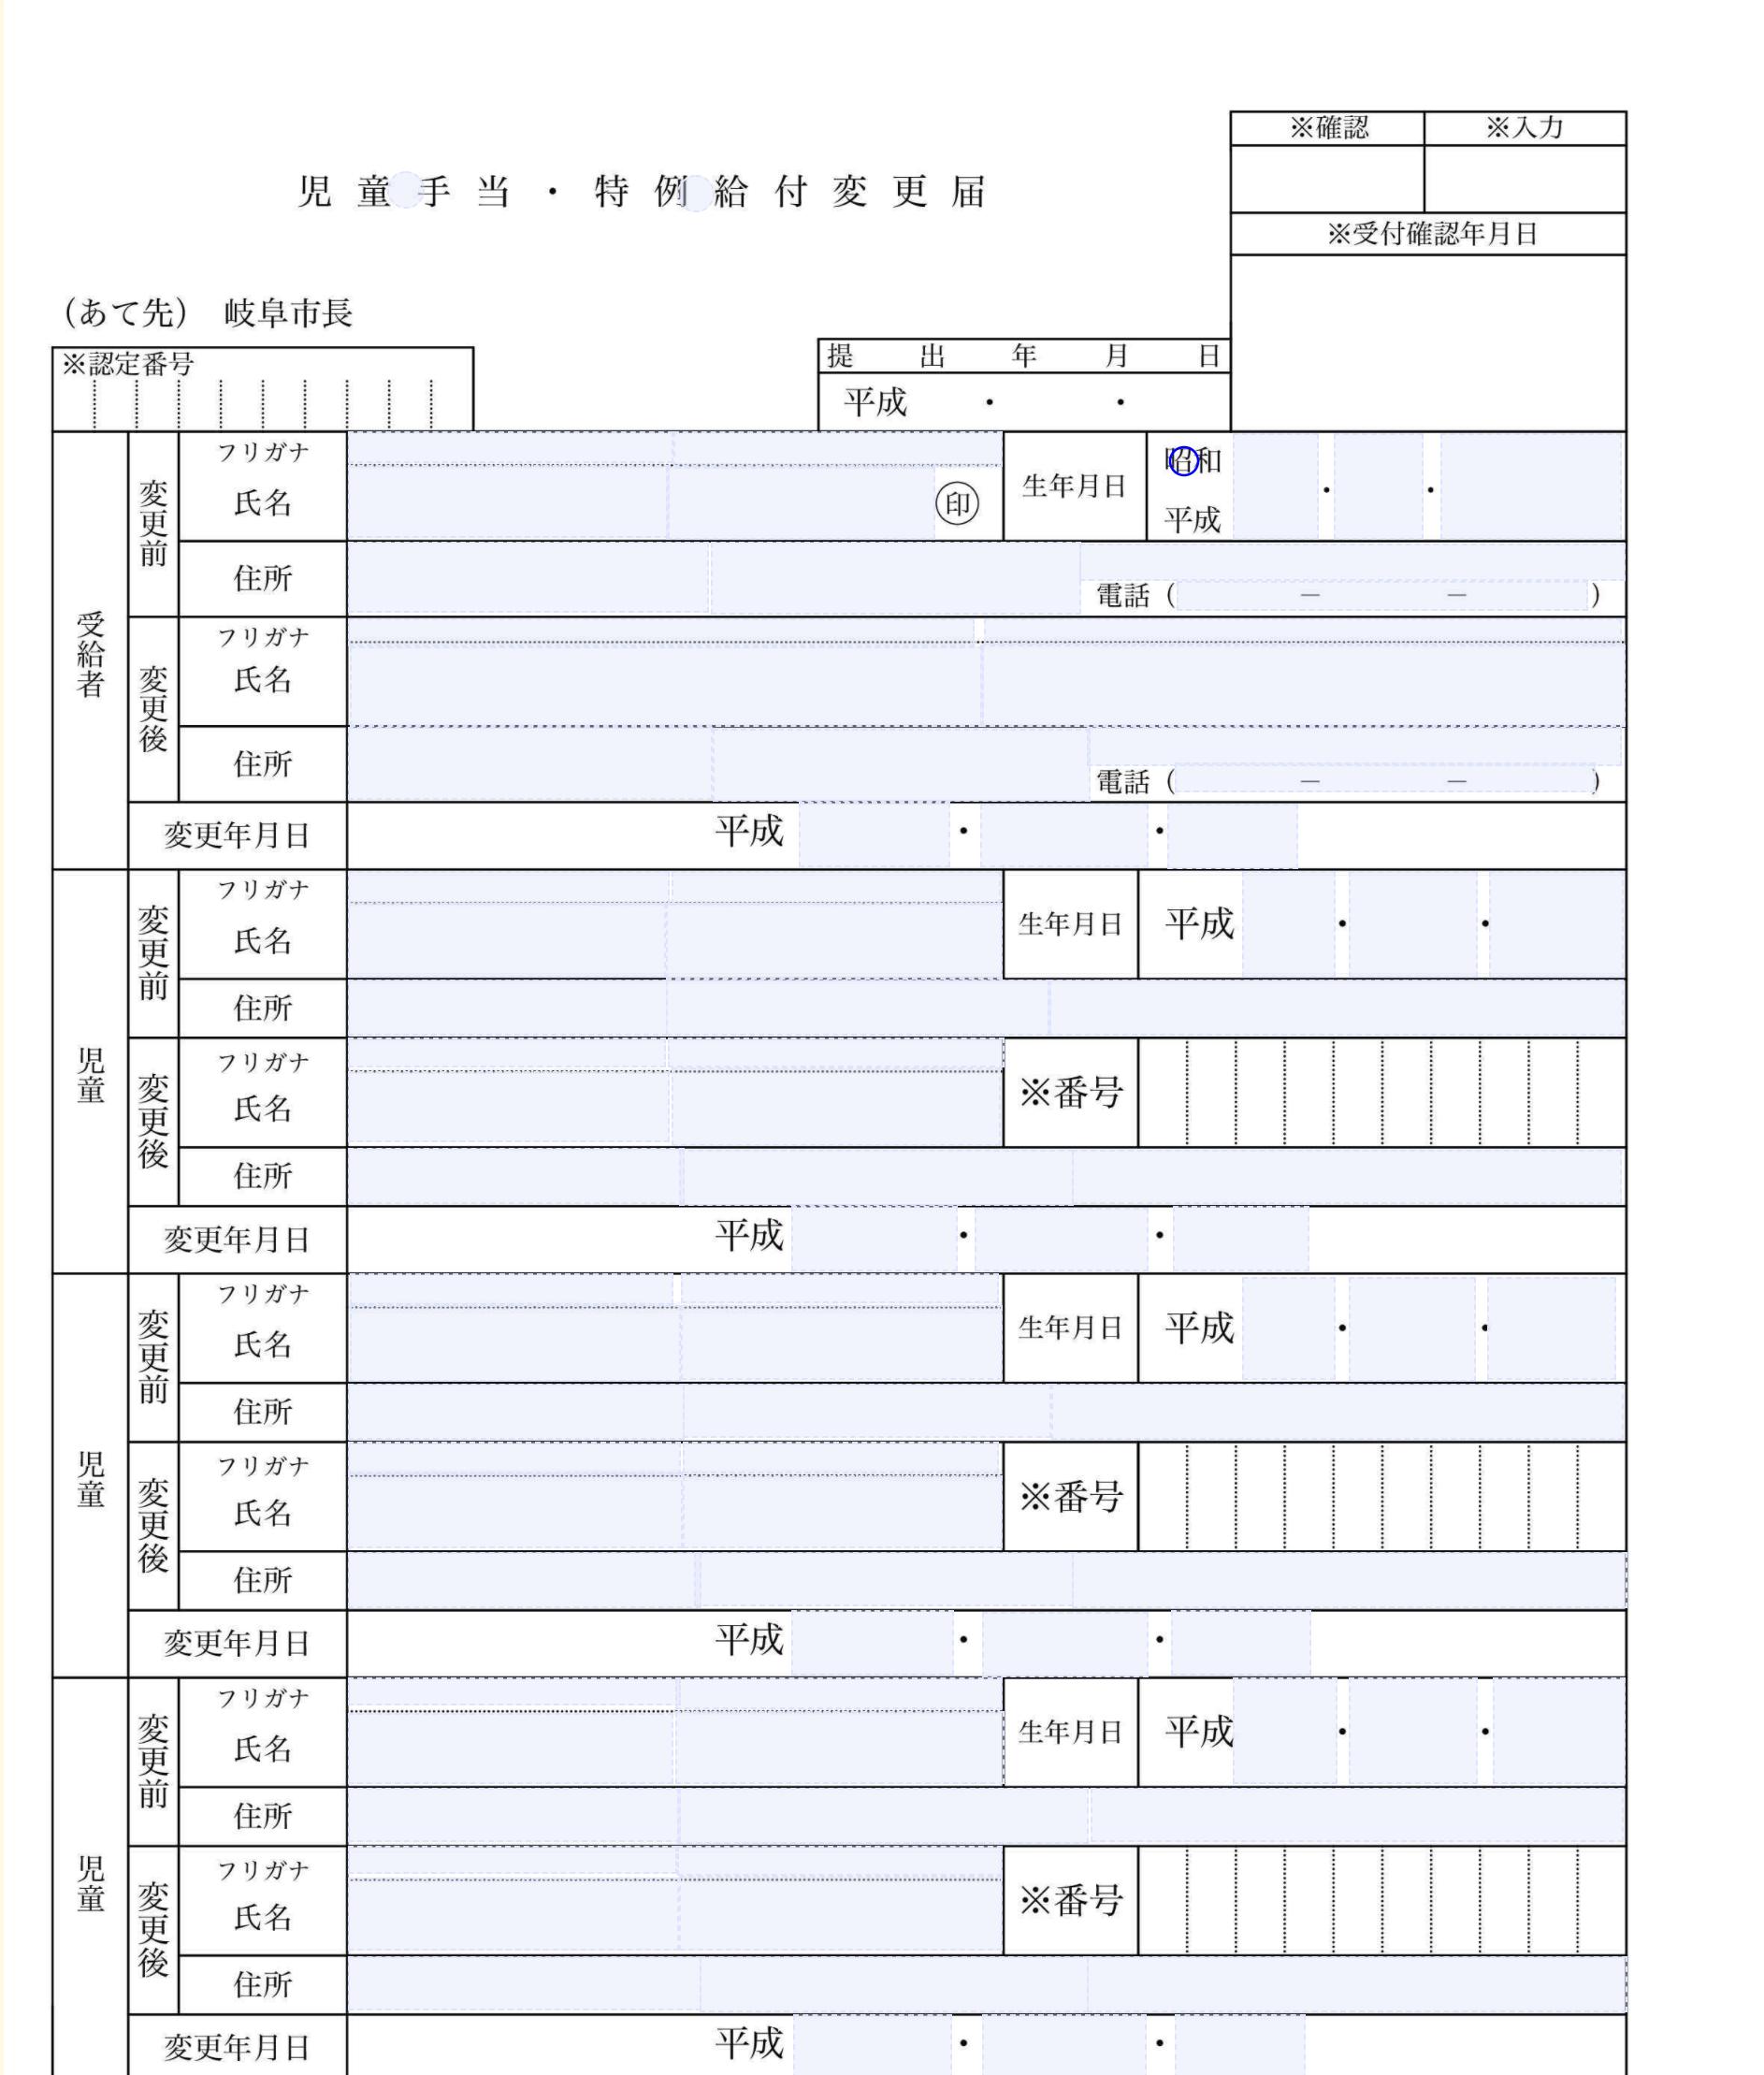 image.png (830.0 kB)